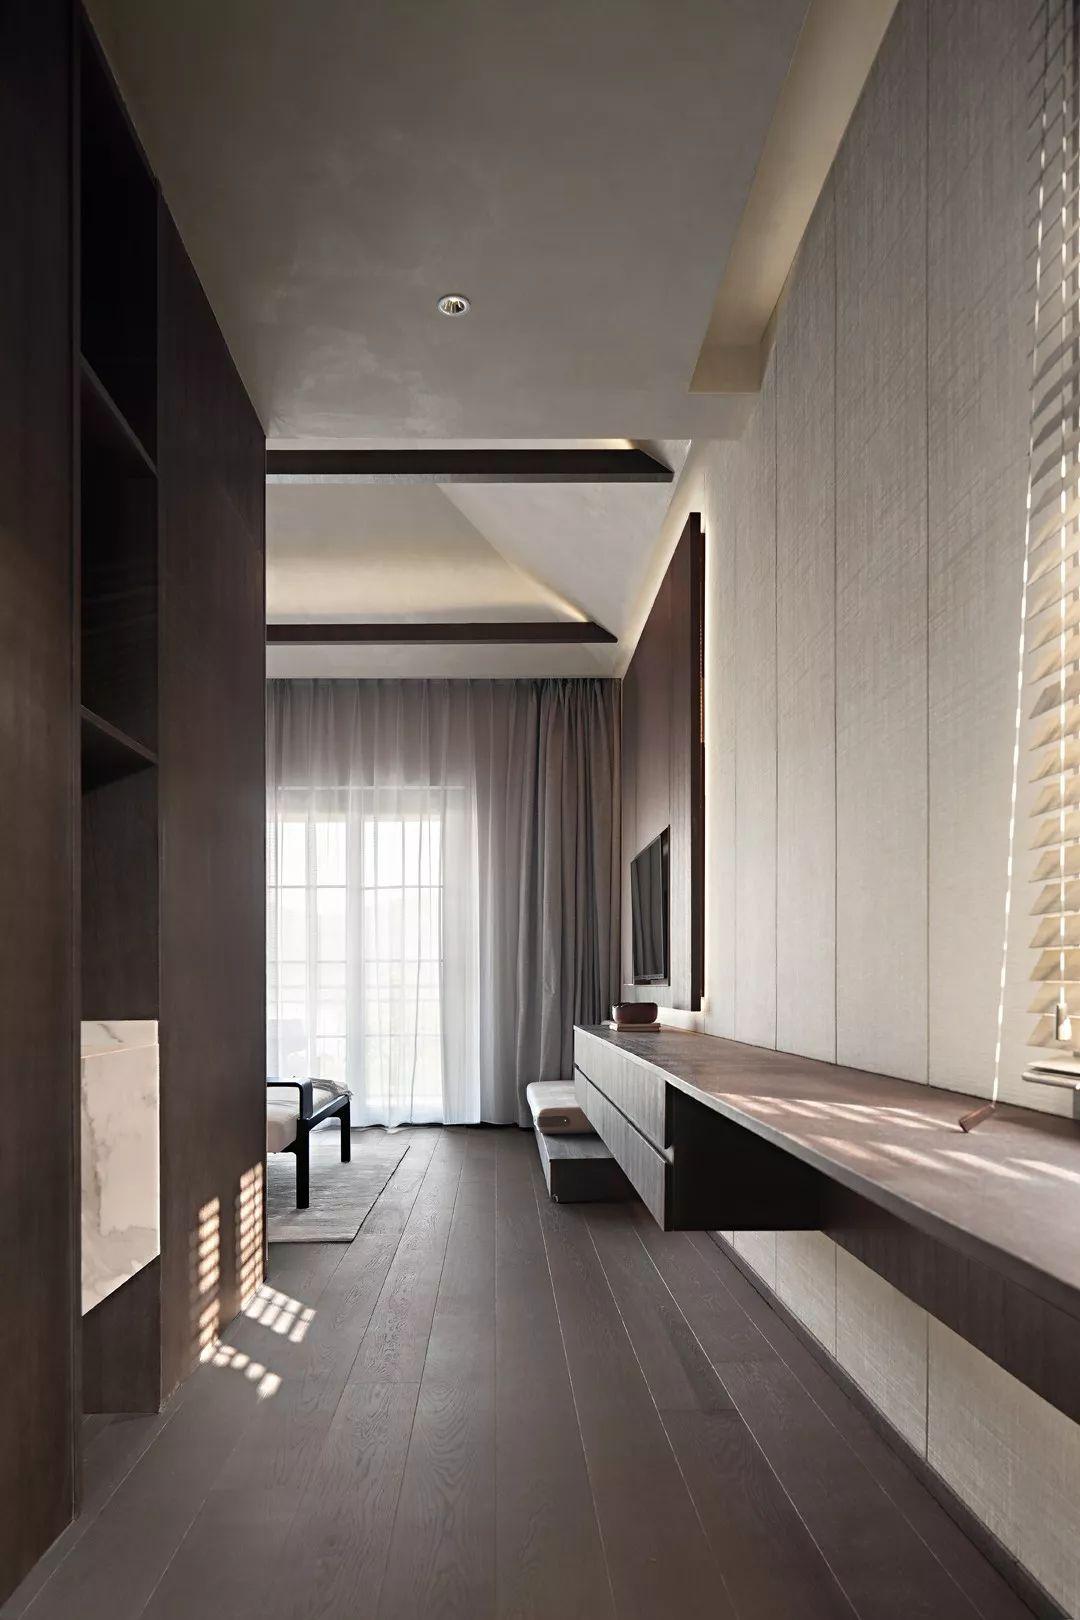 深圳720m²顶级私宅,隐居都市的时光秘境_26